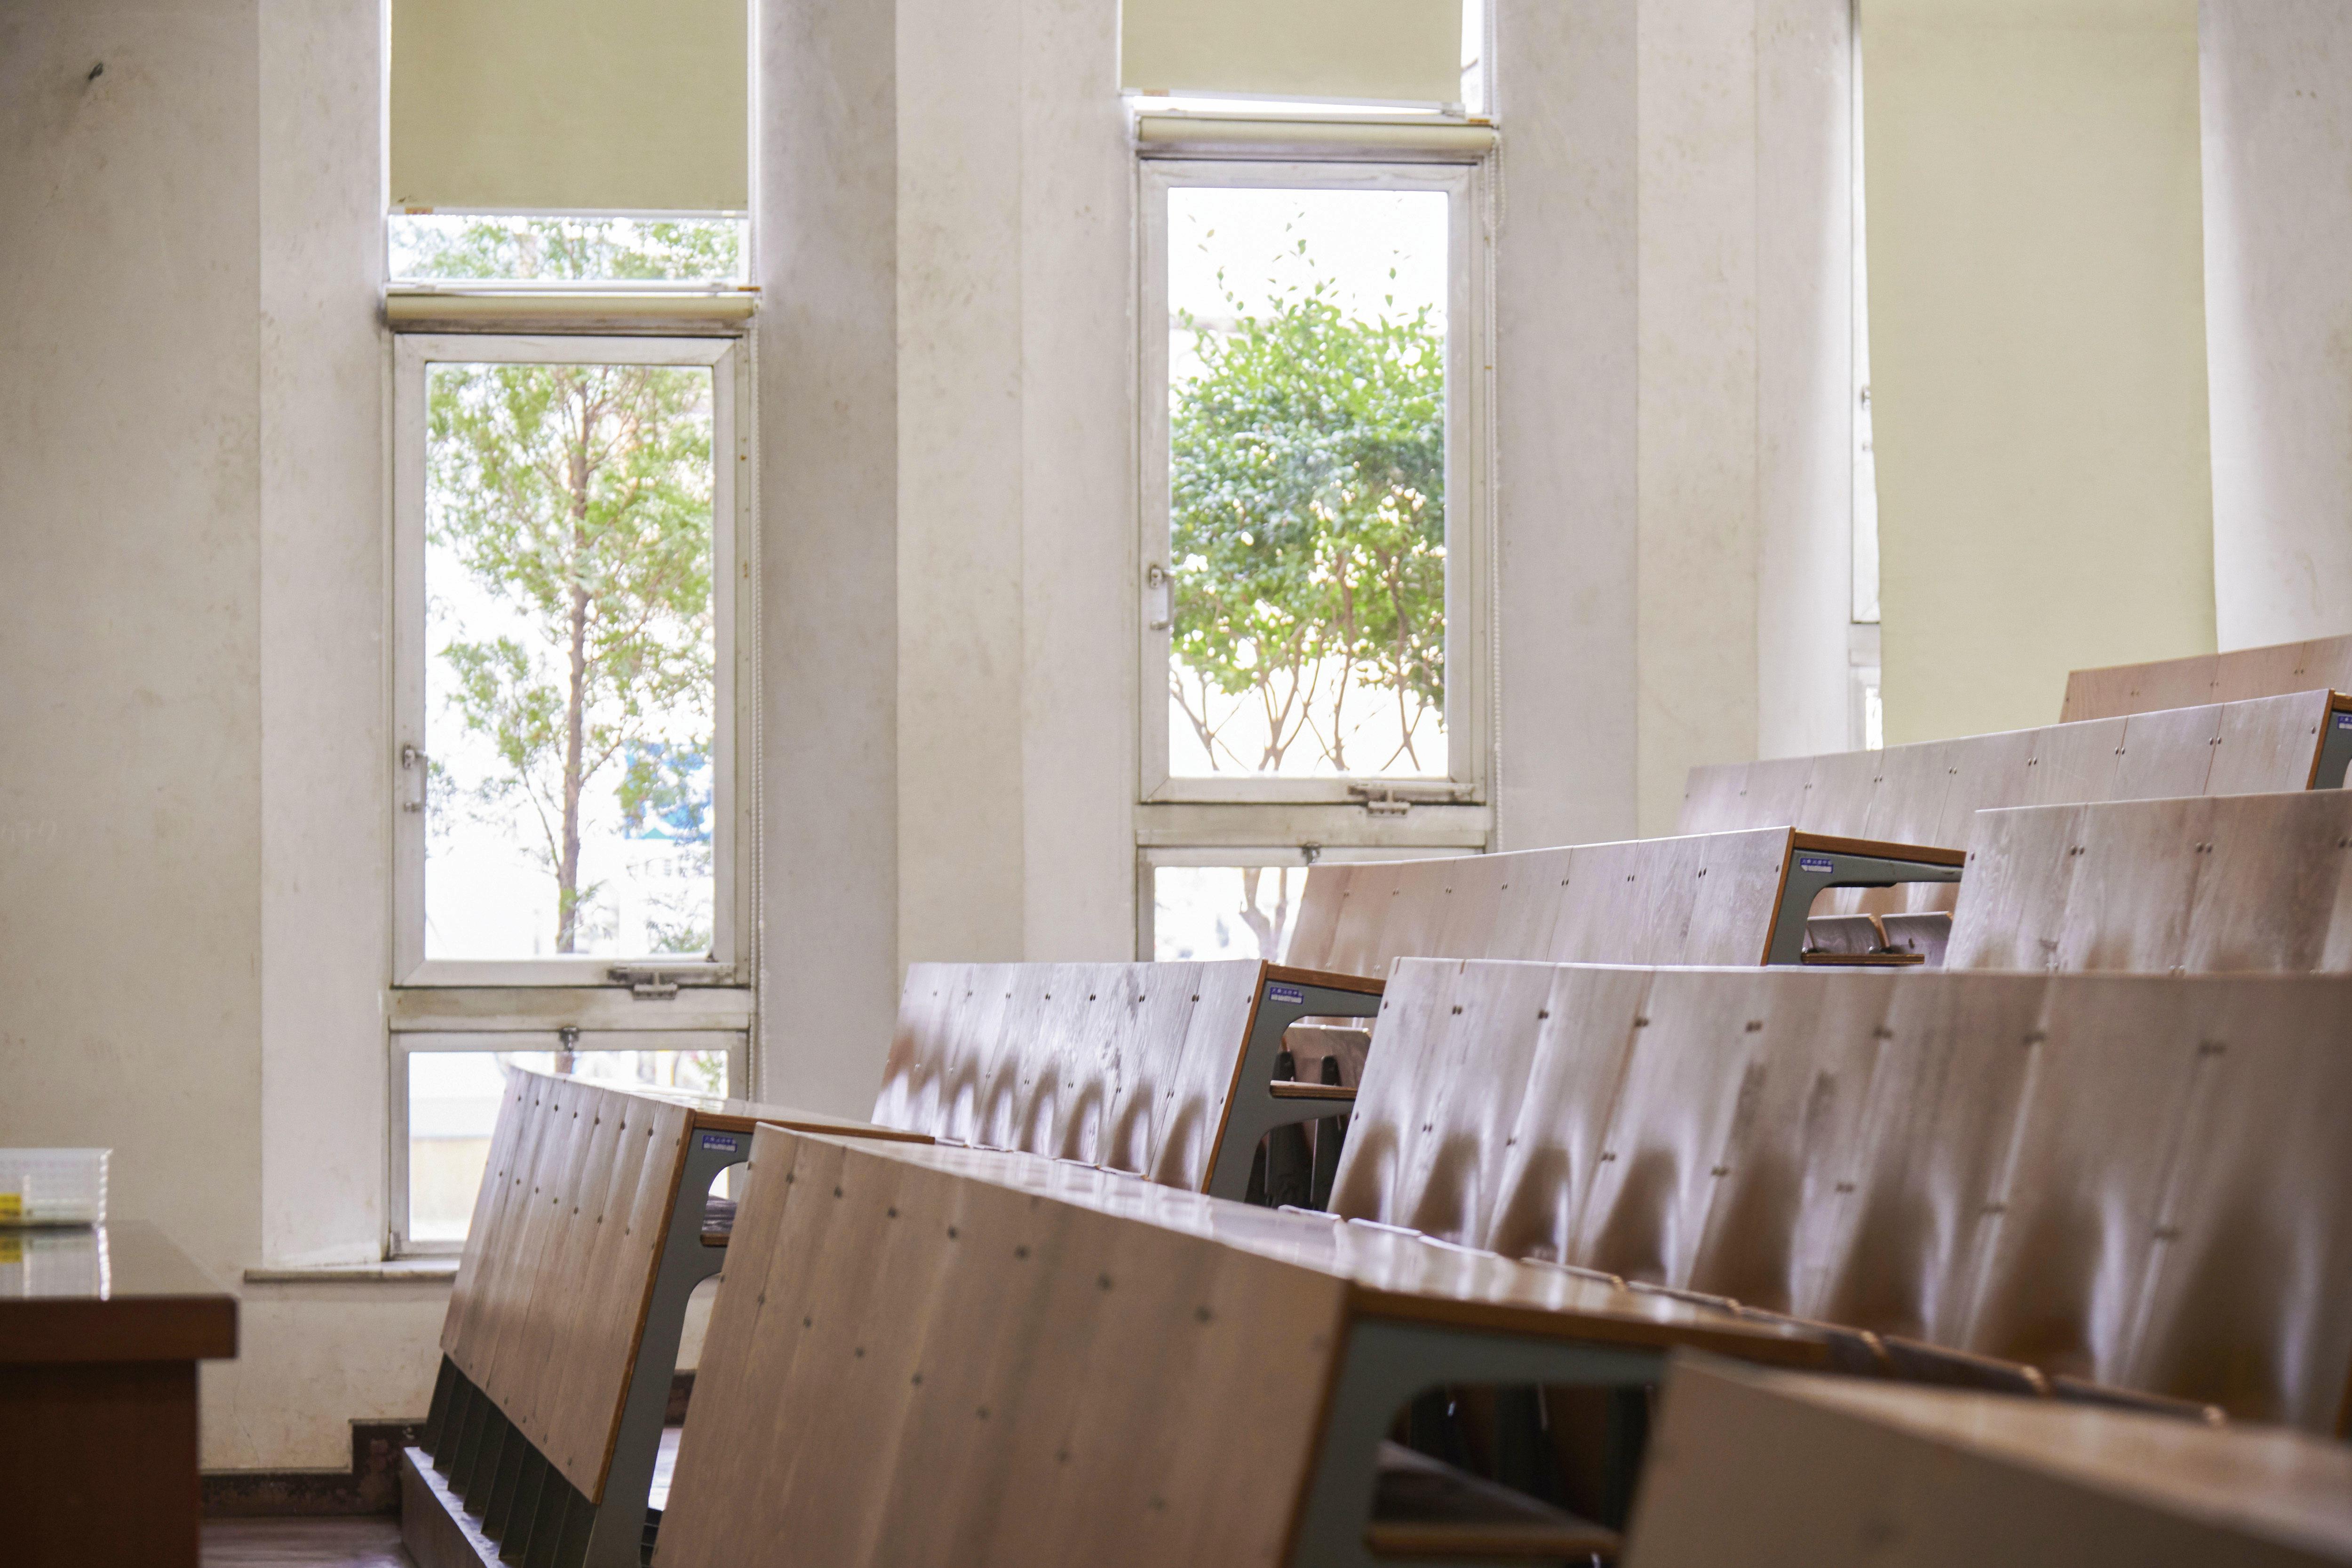 淑徳大学は対面授業を重視しています -- 学びを止めない、淑徳大学の取り組み